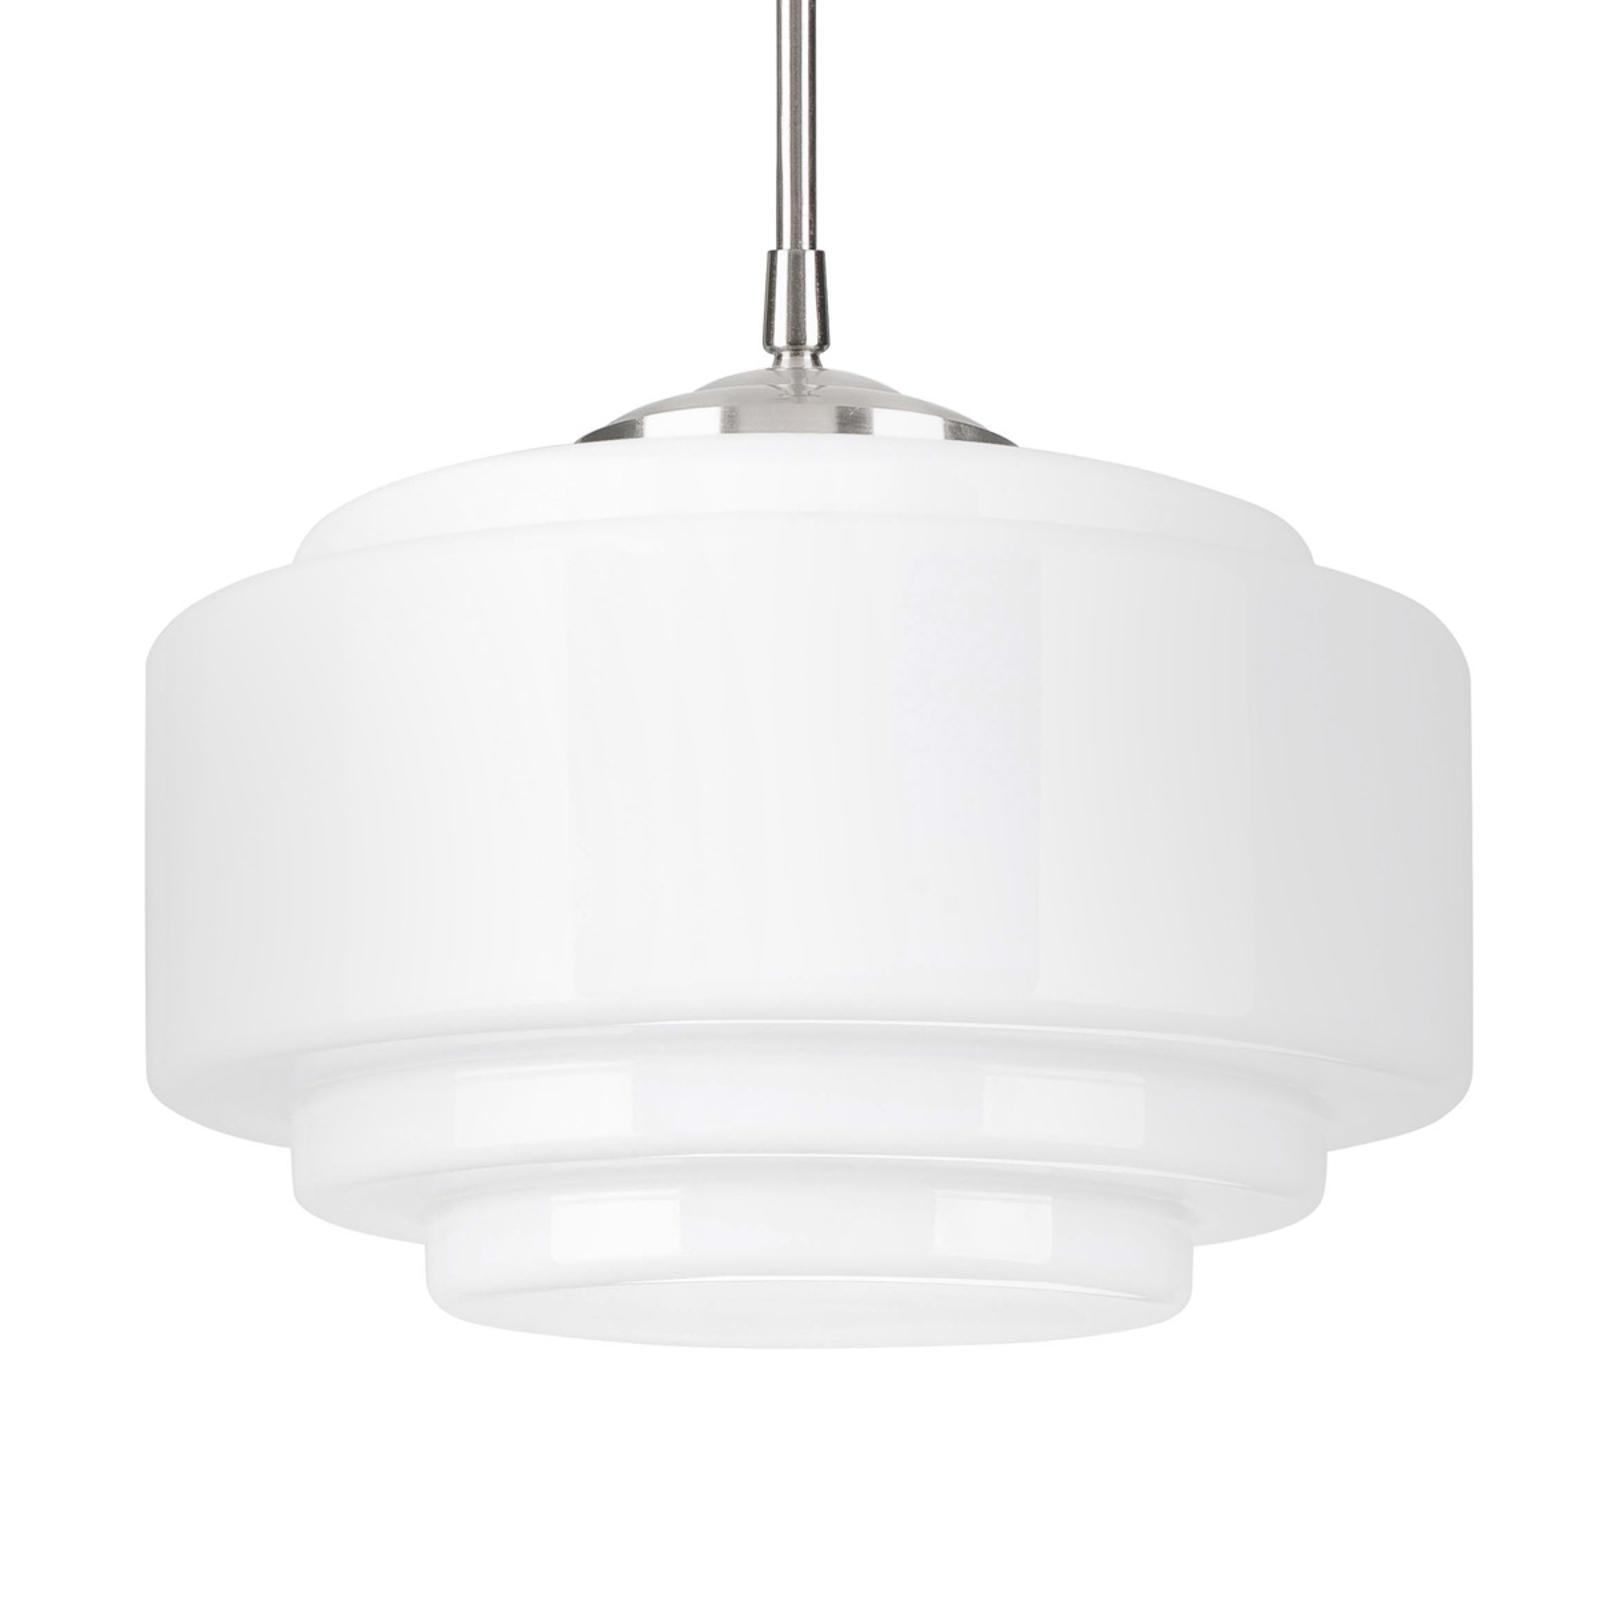 Lampa wisząca Cambridge, regulacja wysokości biała